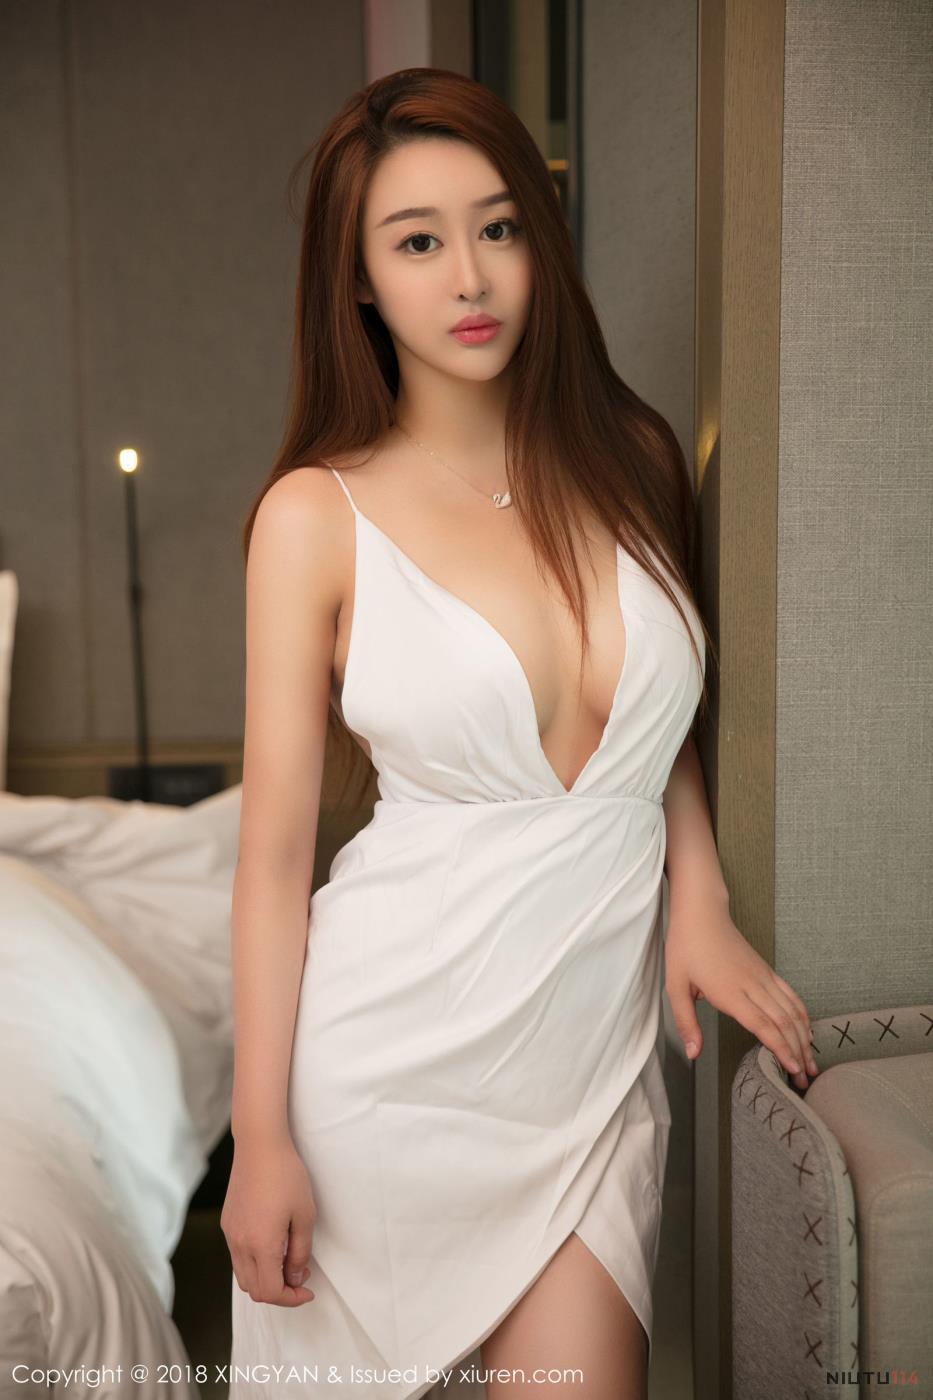 星颜社性感美女金禹熙丰满巨乳御姐内衣诱惑写真